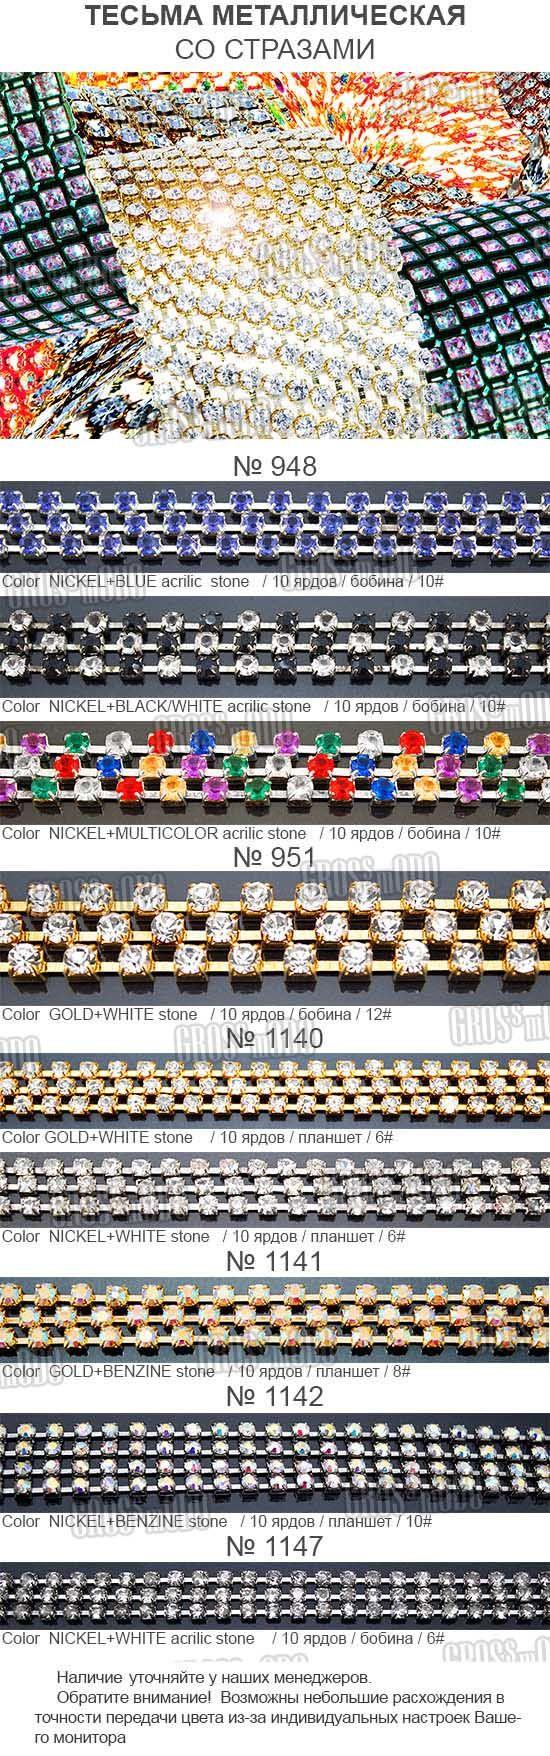 Швейная фурнитура, отделка со стразами, бисер: Украина, Россия, Белоруссия. Компания GROSS MODO